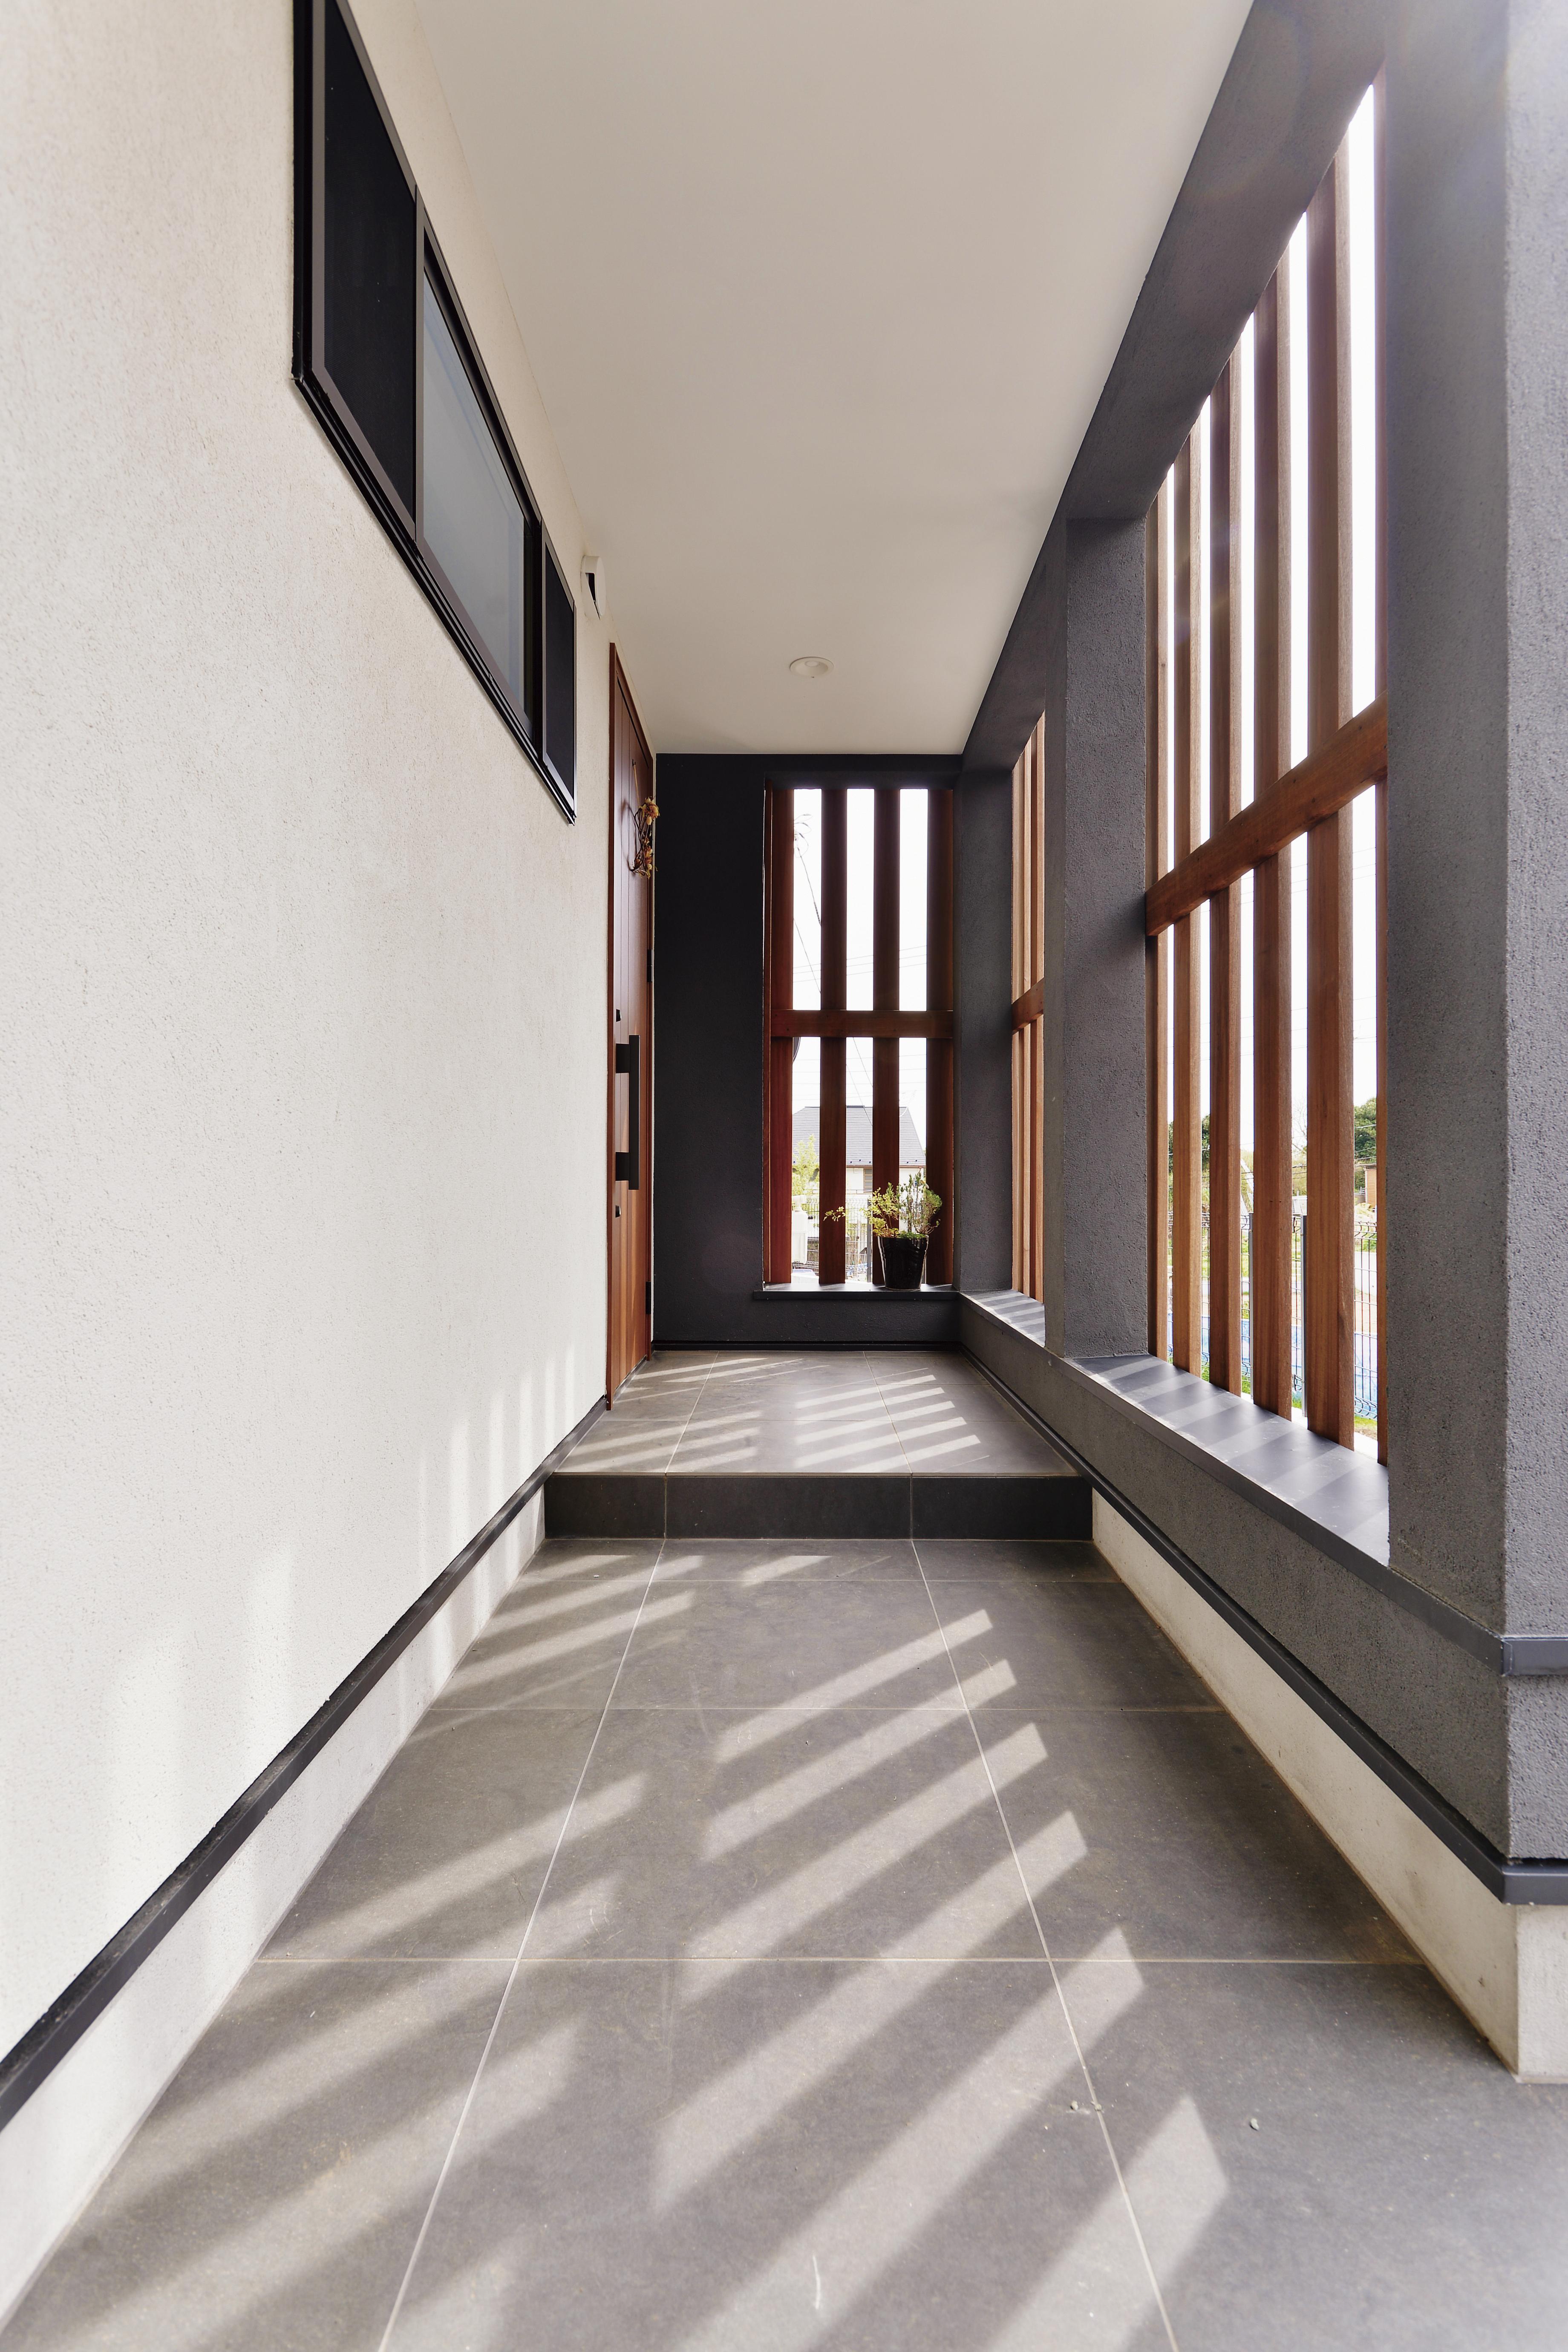 横須賀市の海の見える家 女性建築家の建てた家にお連れ致します